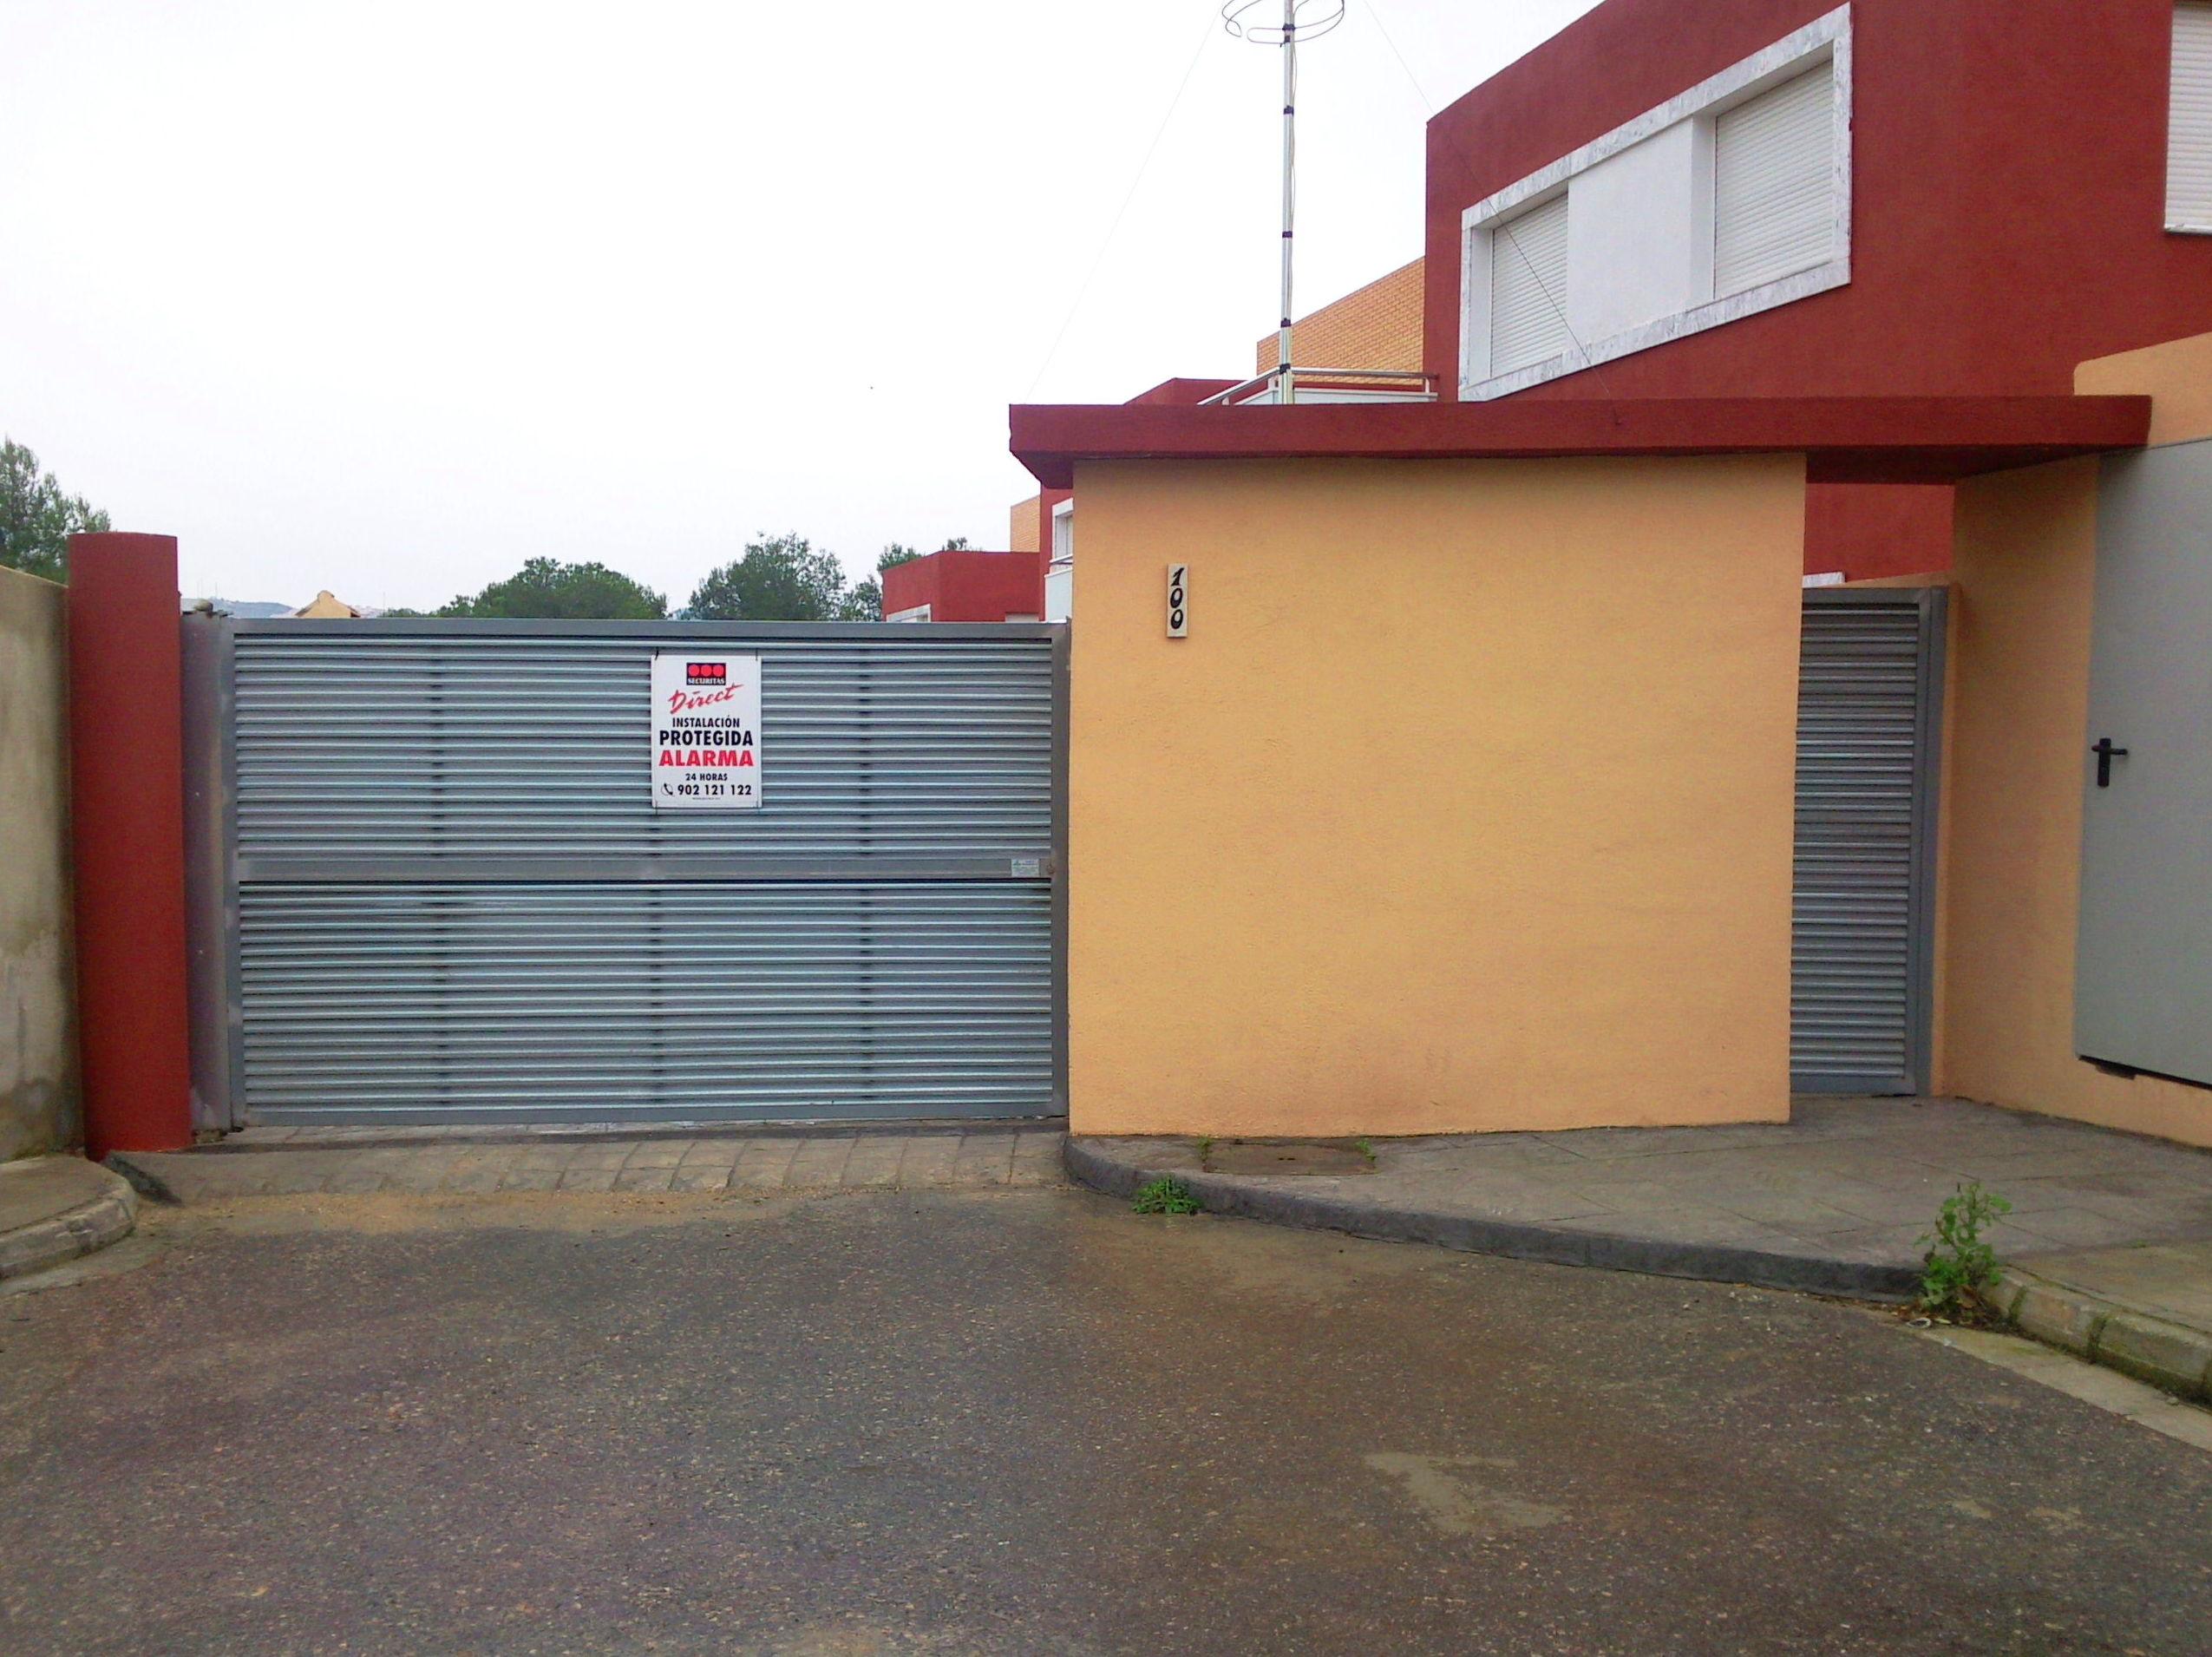 Puertas batientes galvanizadas de lamas vierte aguas